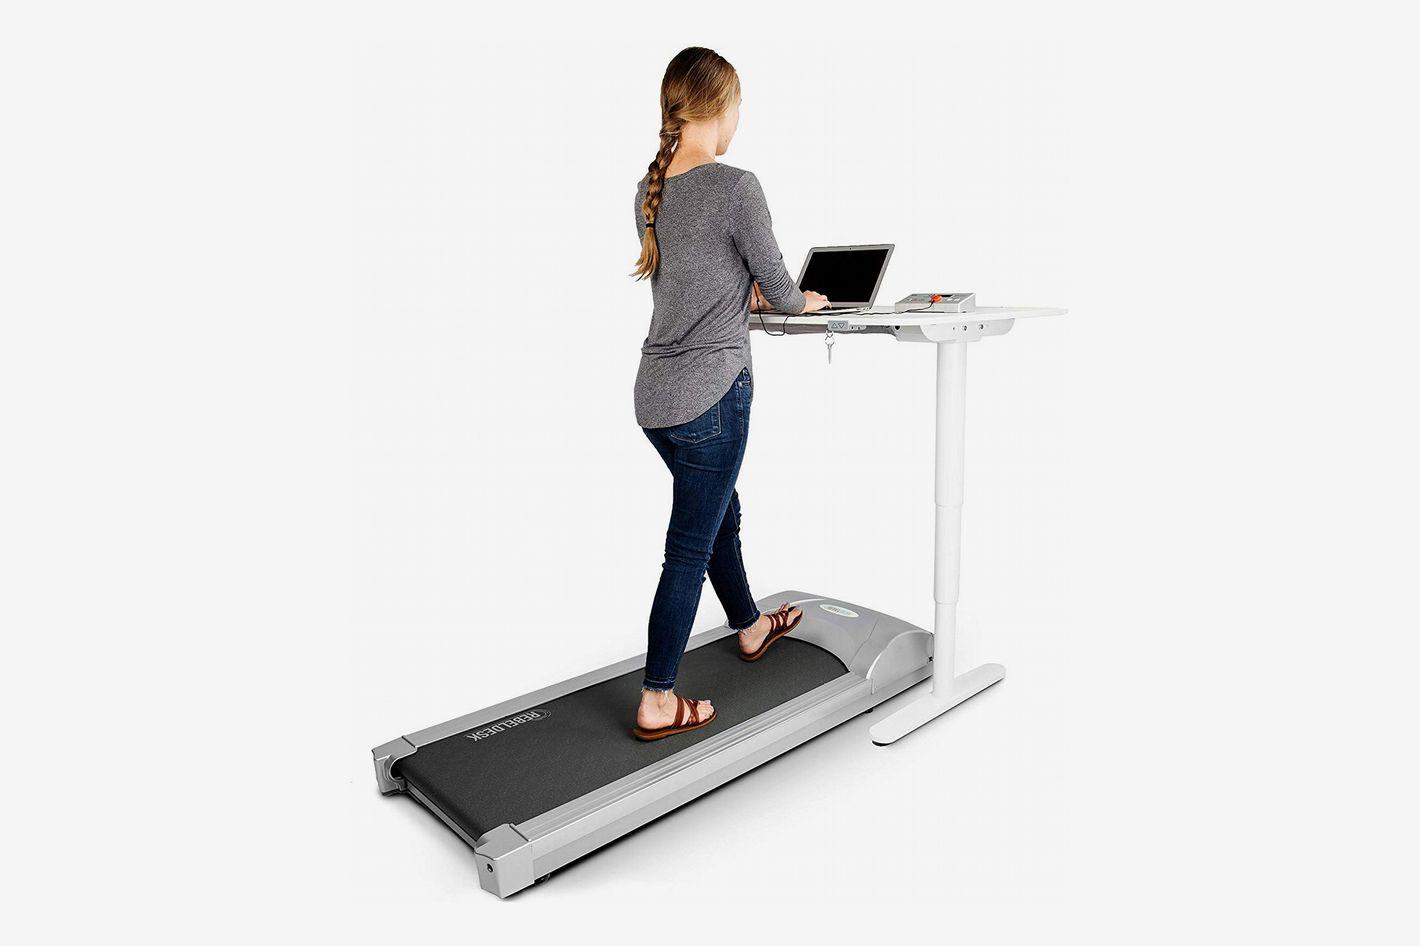 Rebel Treadmill 1000 Under Desk Treadmill